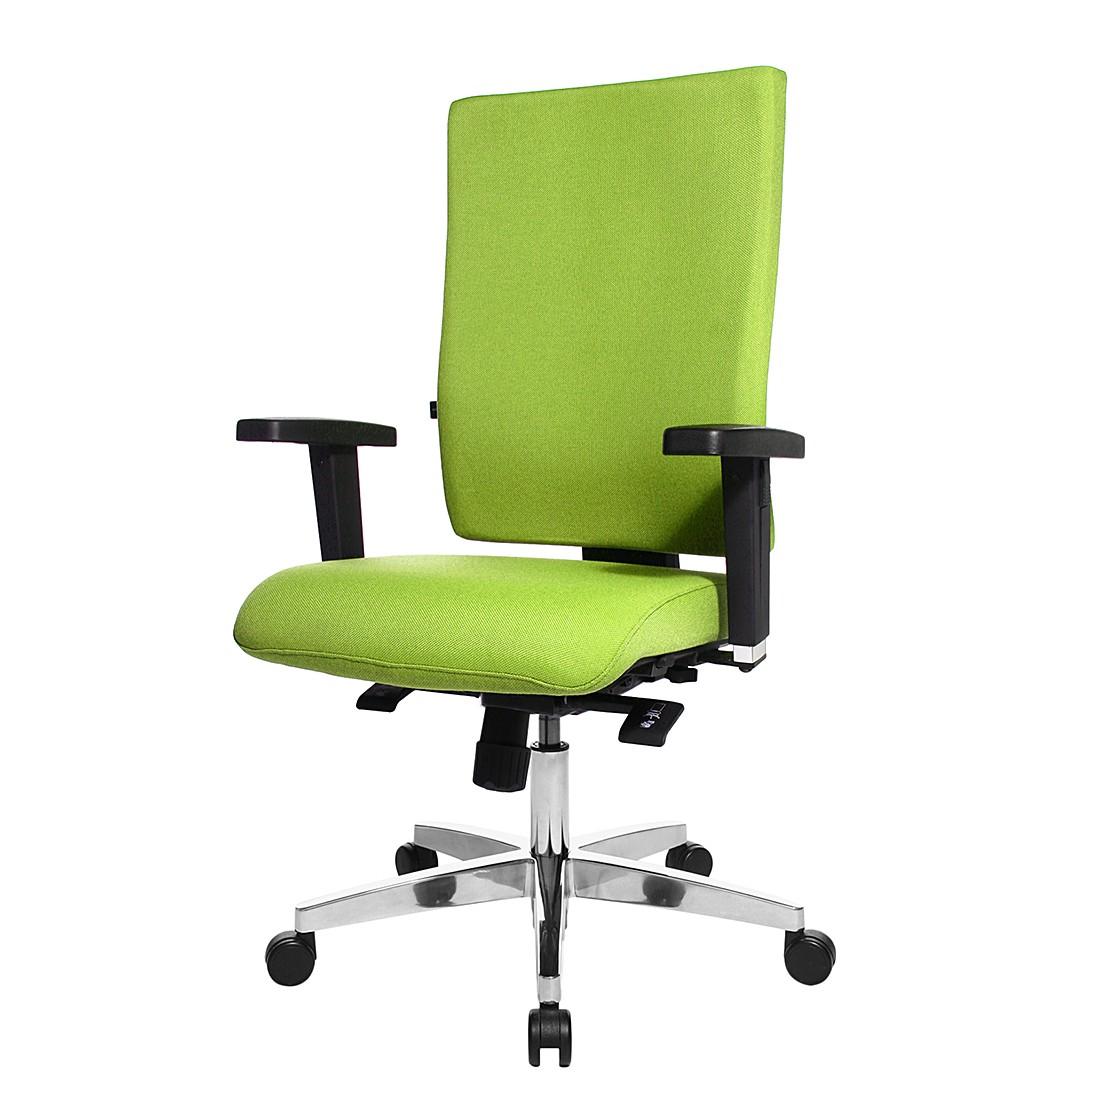 Bürodrehstuhl Lightstar 20 – Mit Armlehnen – Grün, Topstar günstig